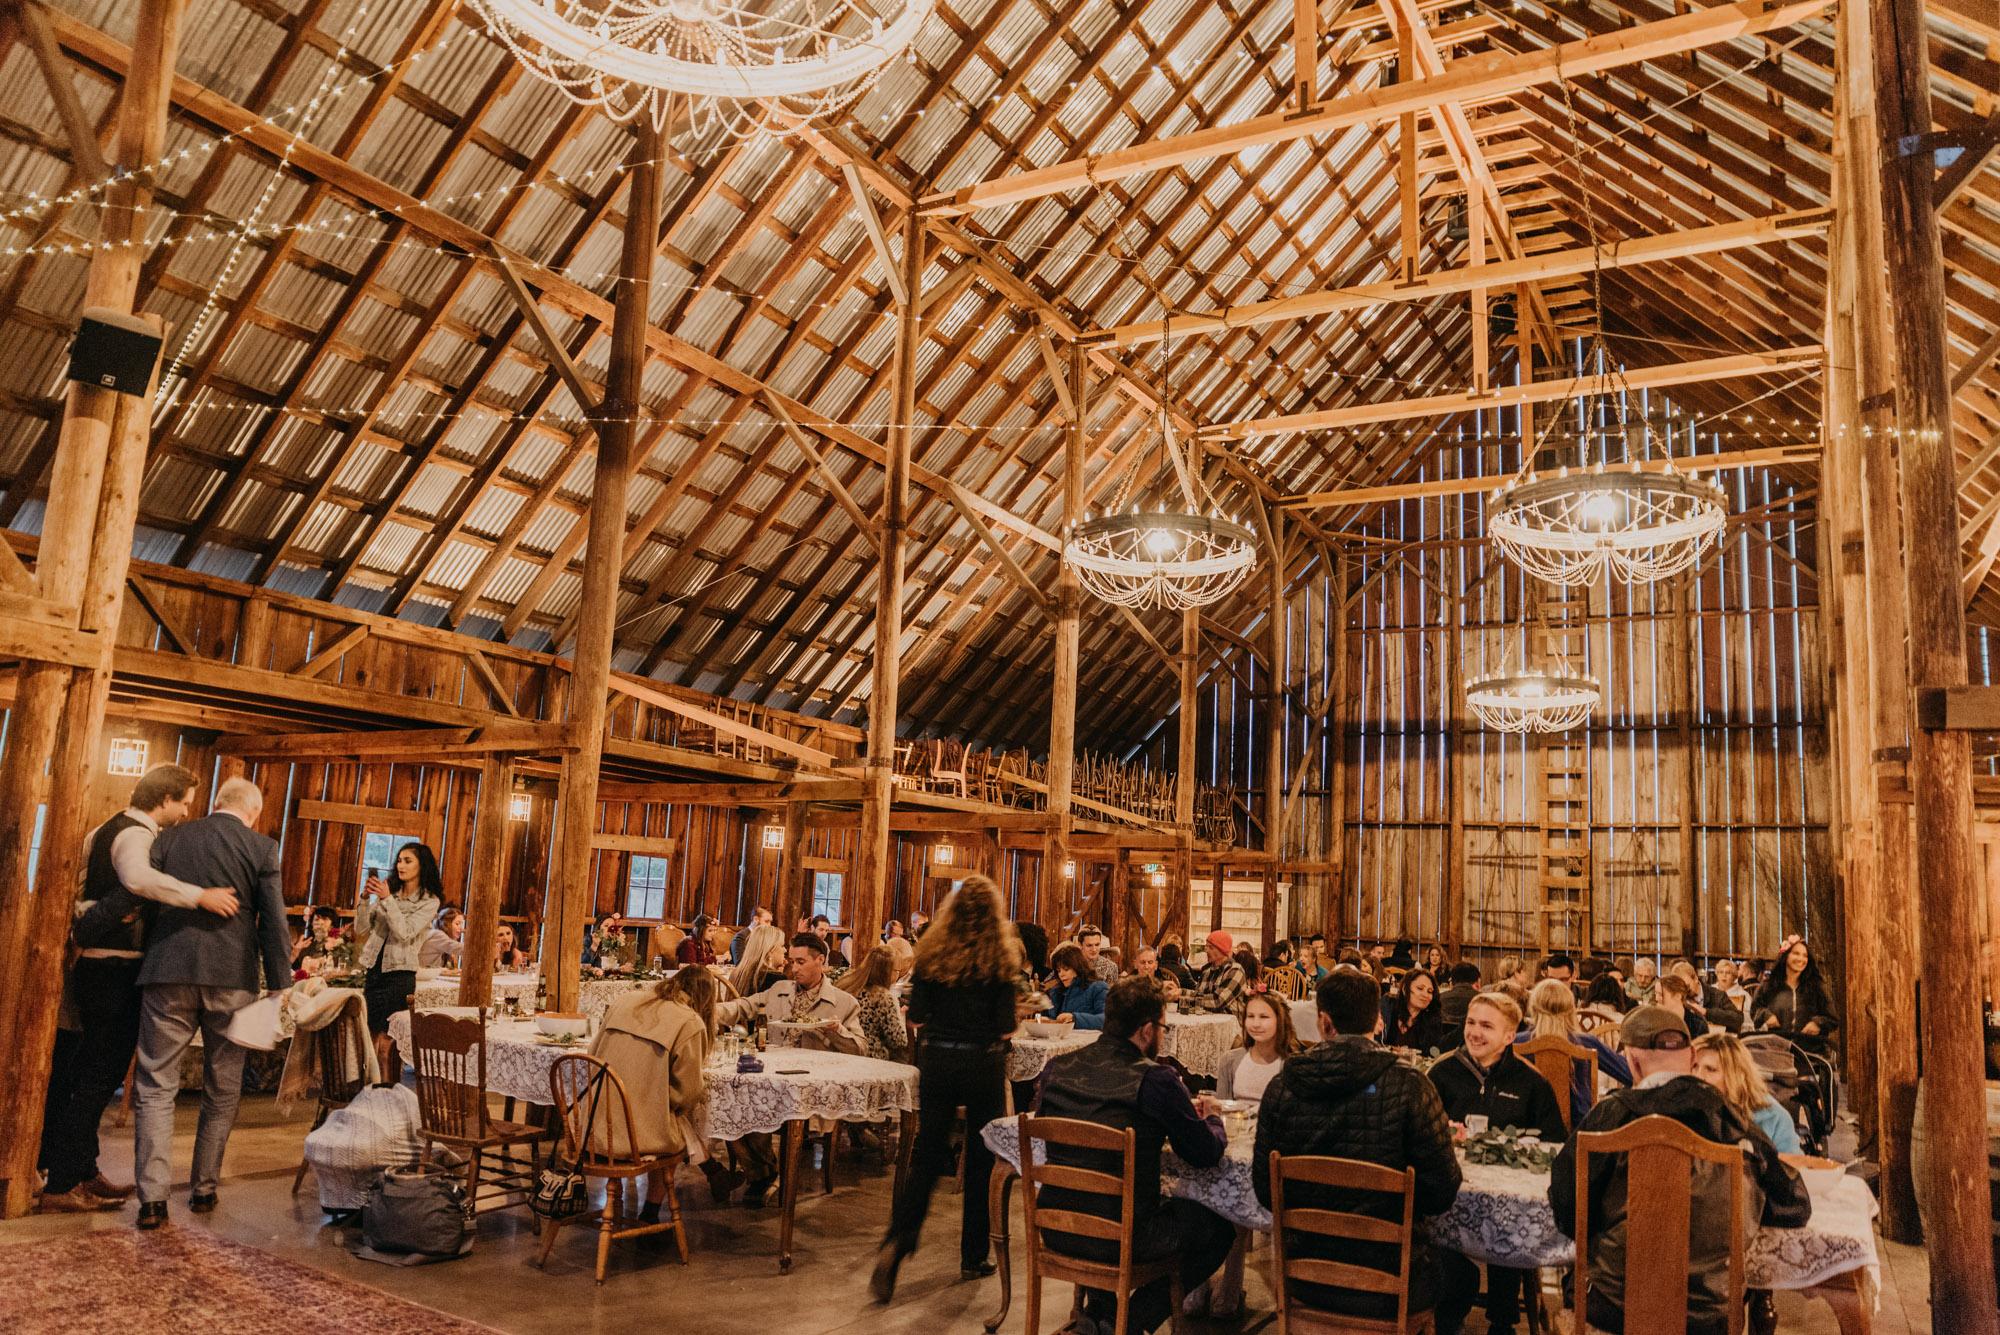 Indoor-Barn-Ceremony-Dancing-Washington-9694.jpg